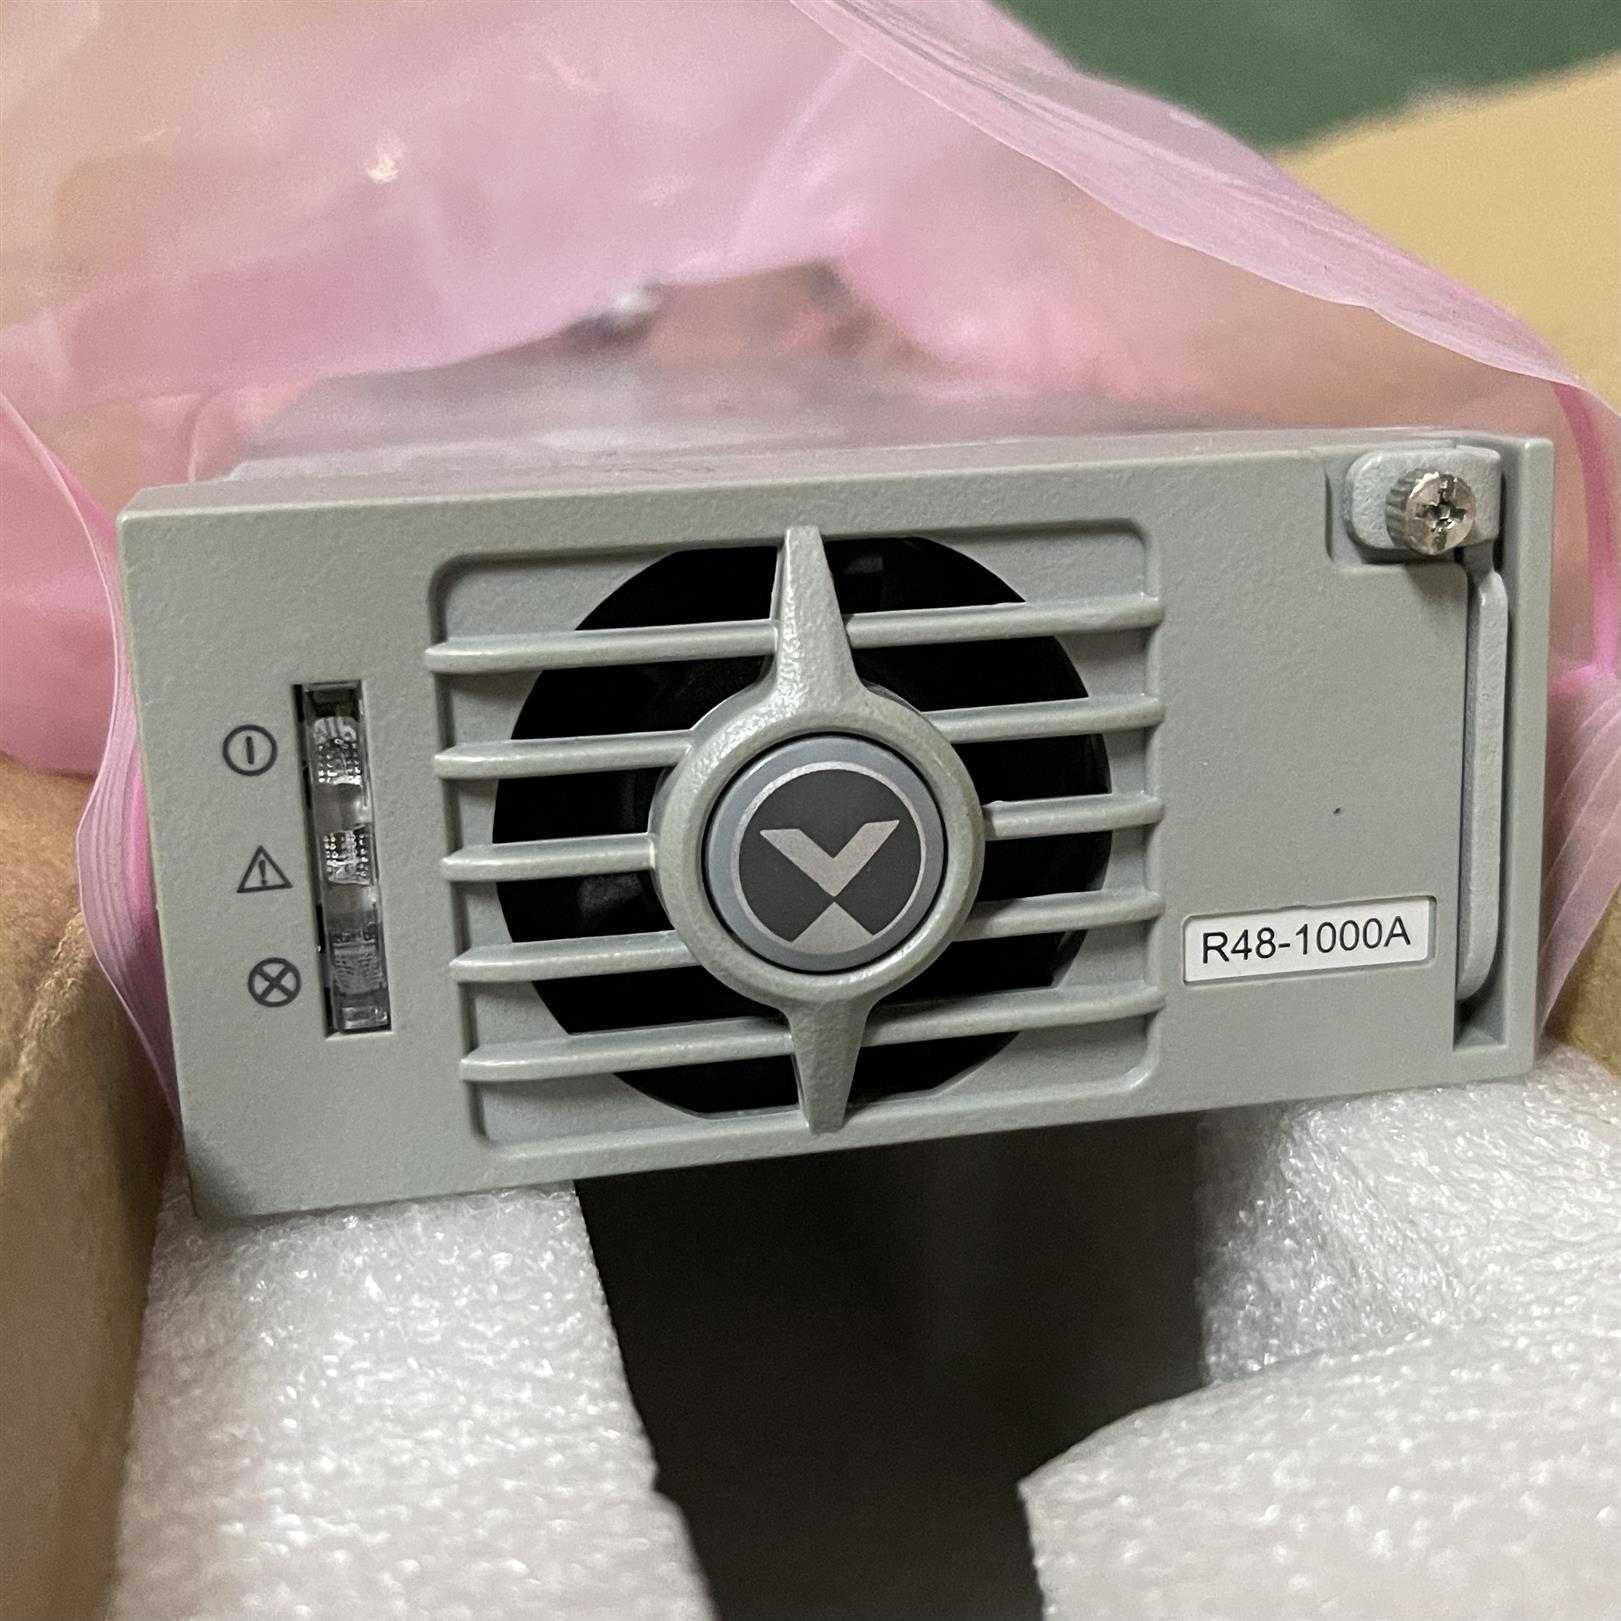 鄭州維諦R48-500A交流轉直流電源